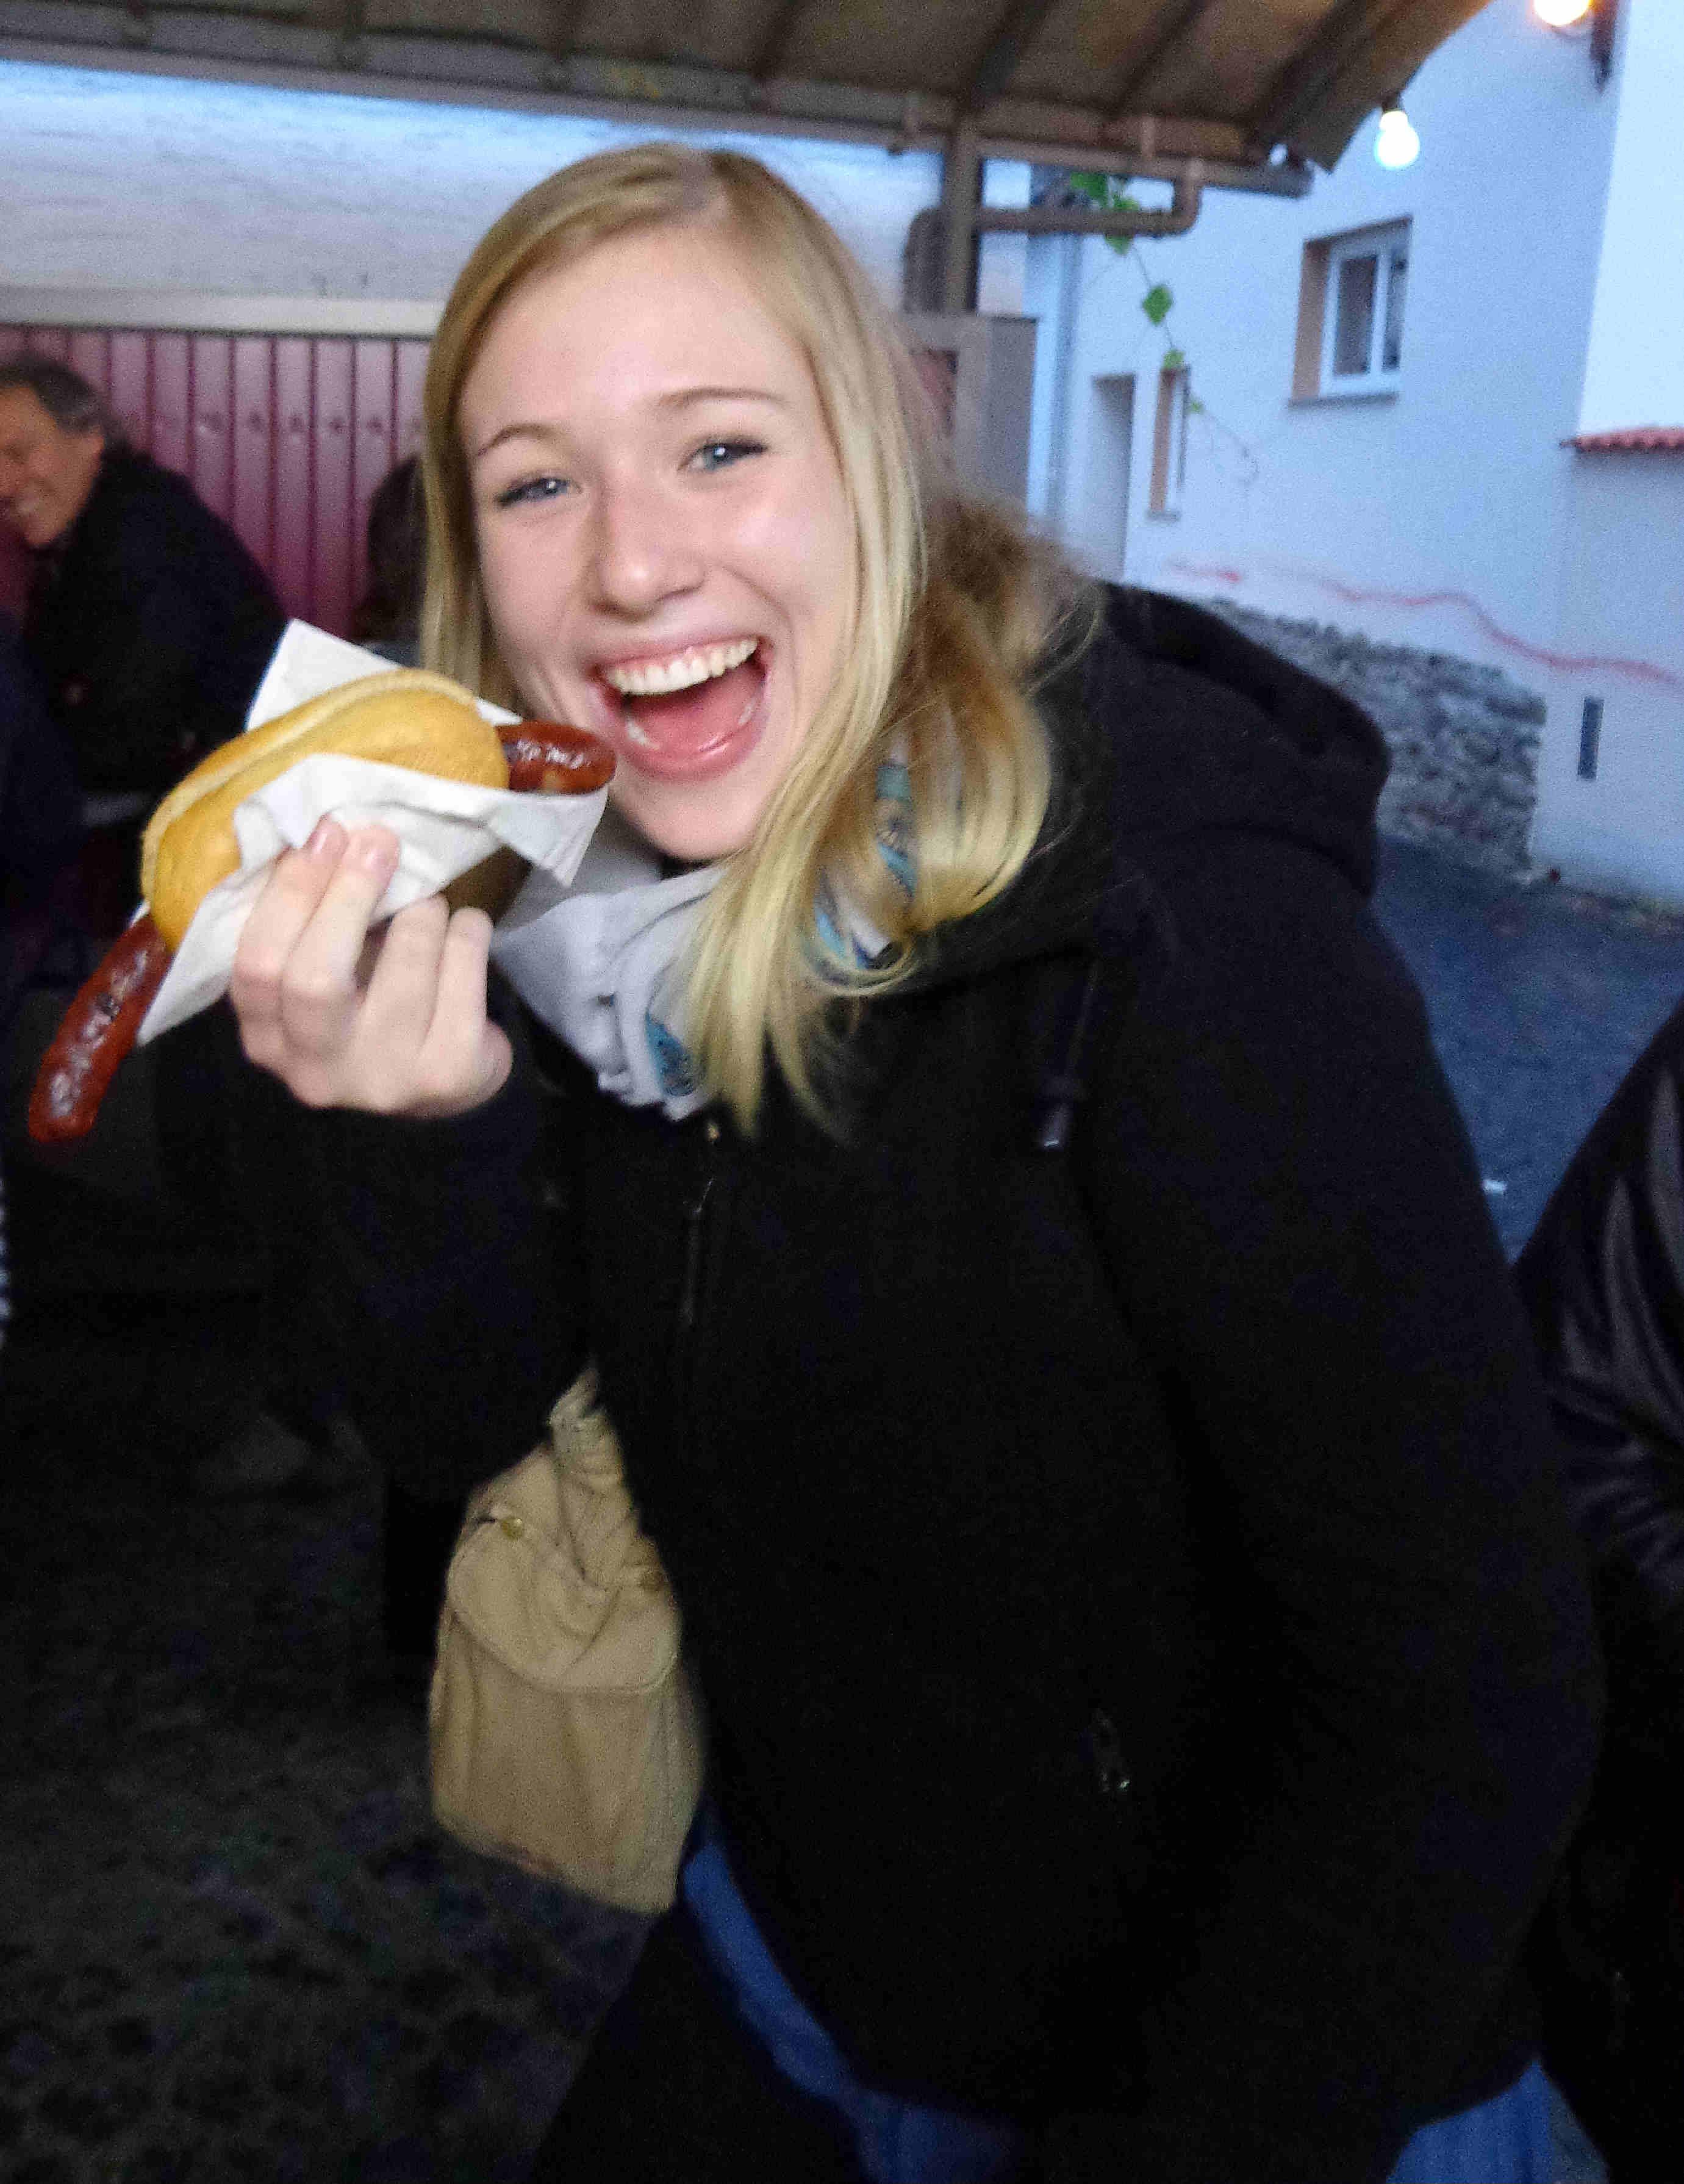 Das war das Brunnenfest 2012 bei Bauer Burkard - die letzte Wurst ist weg: Guten Appetit!